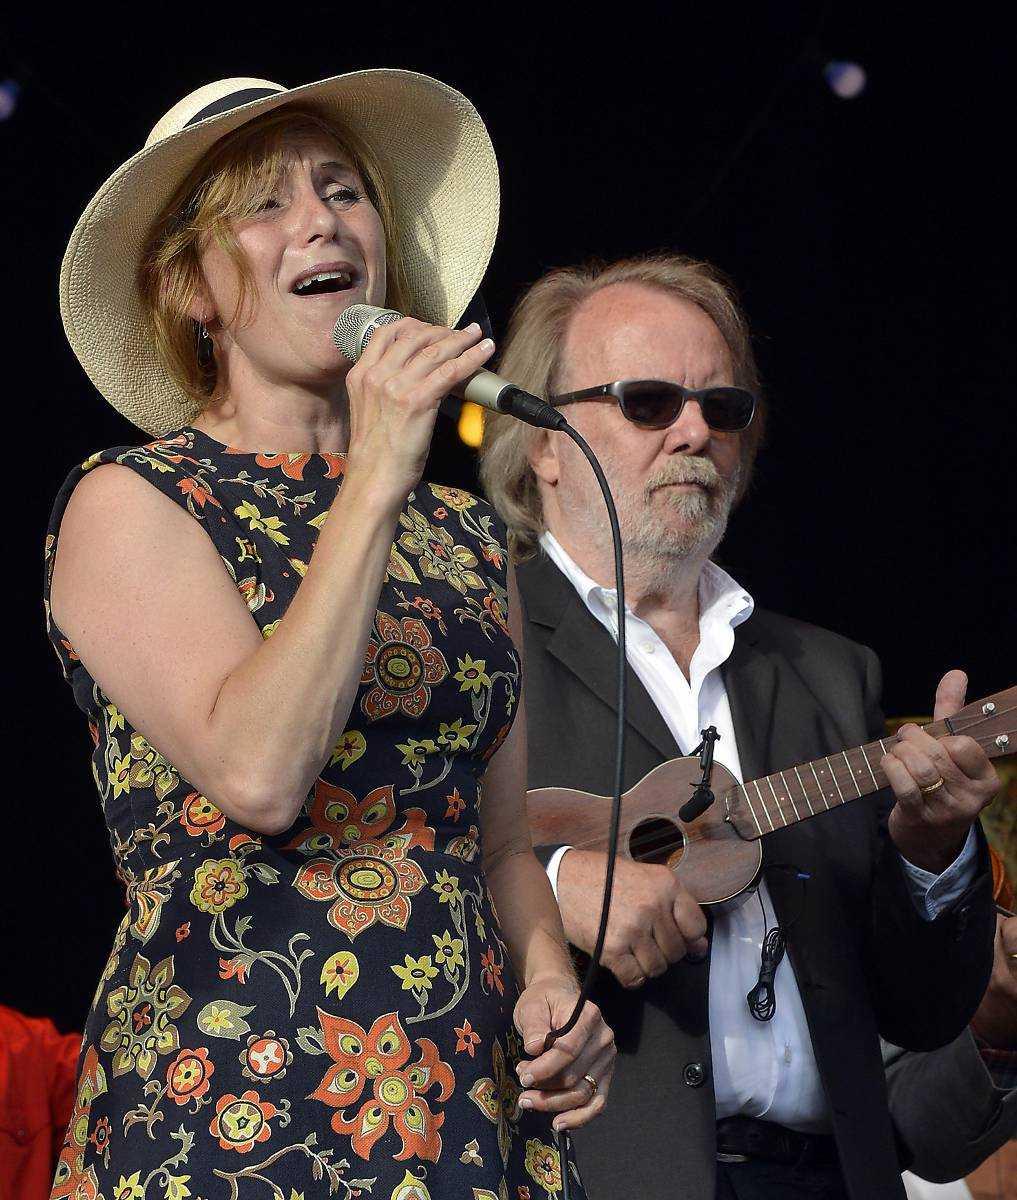 Framför vinnarenBenny Andersson komponerar en låt och Helen Sjöholm sjunger in den vinnande låttexten.